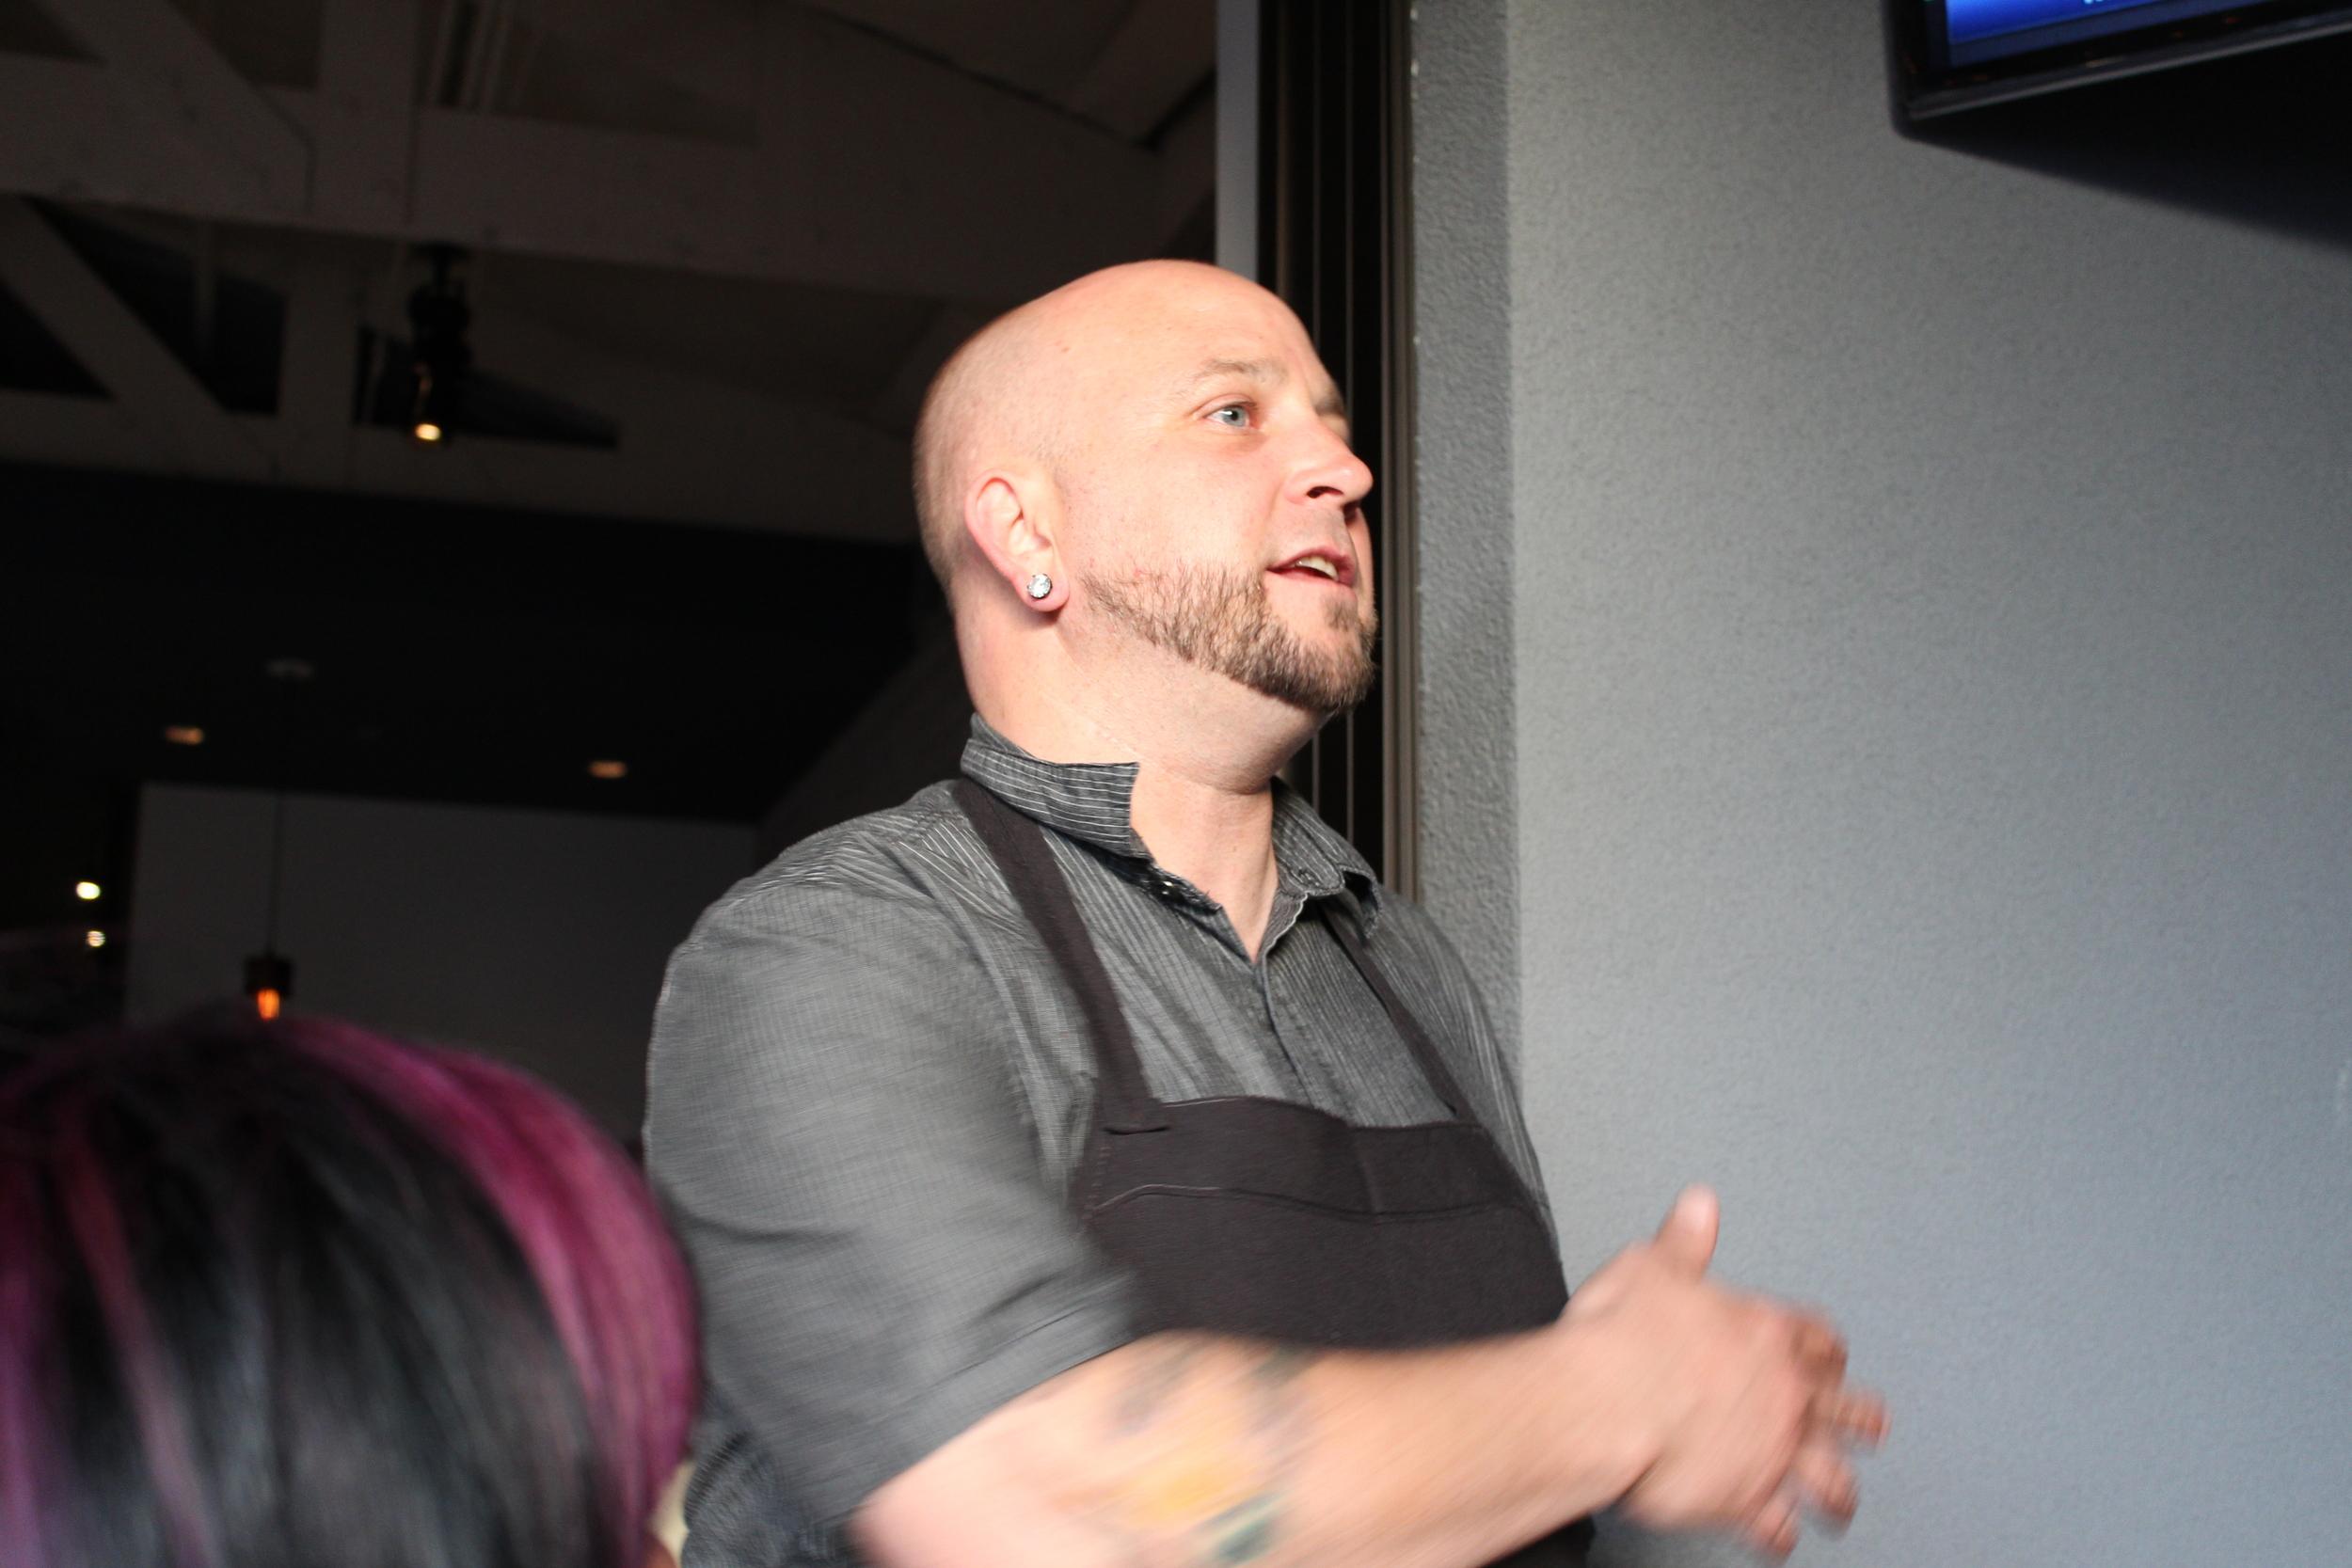 Chef Stephen Eldridge describing his menu